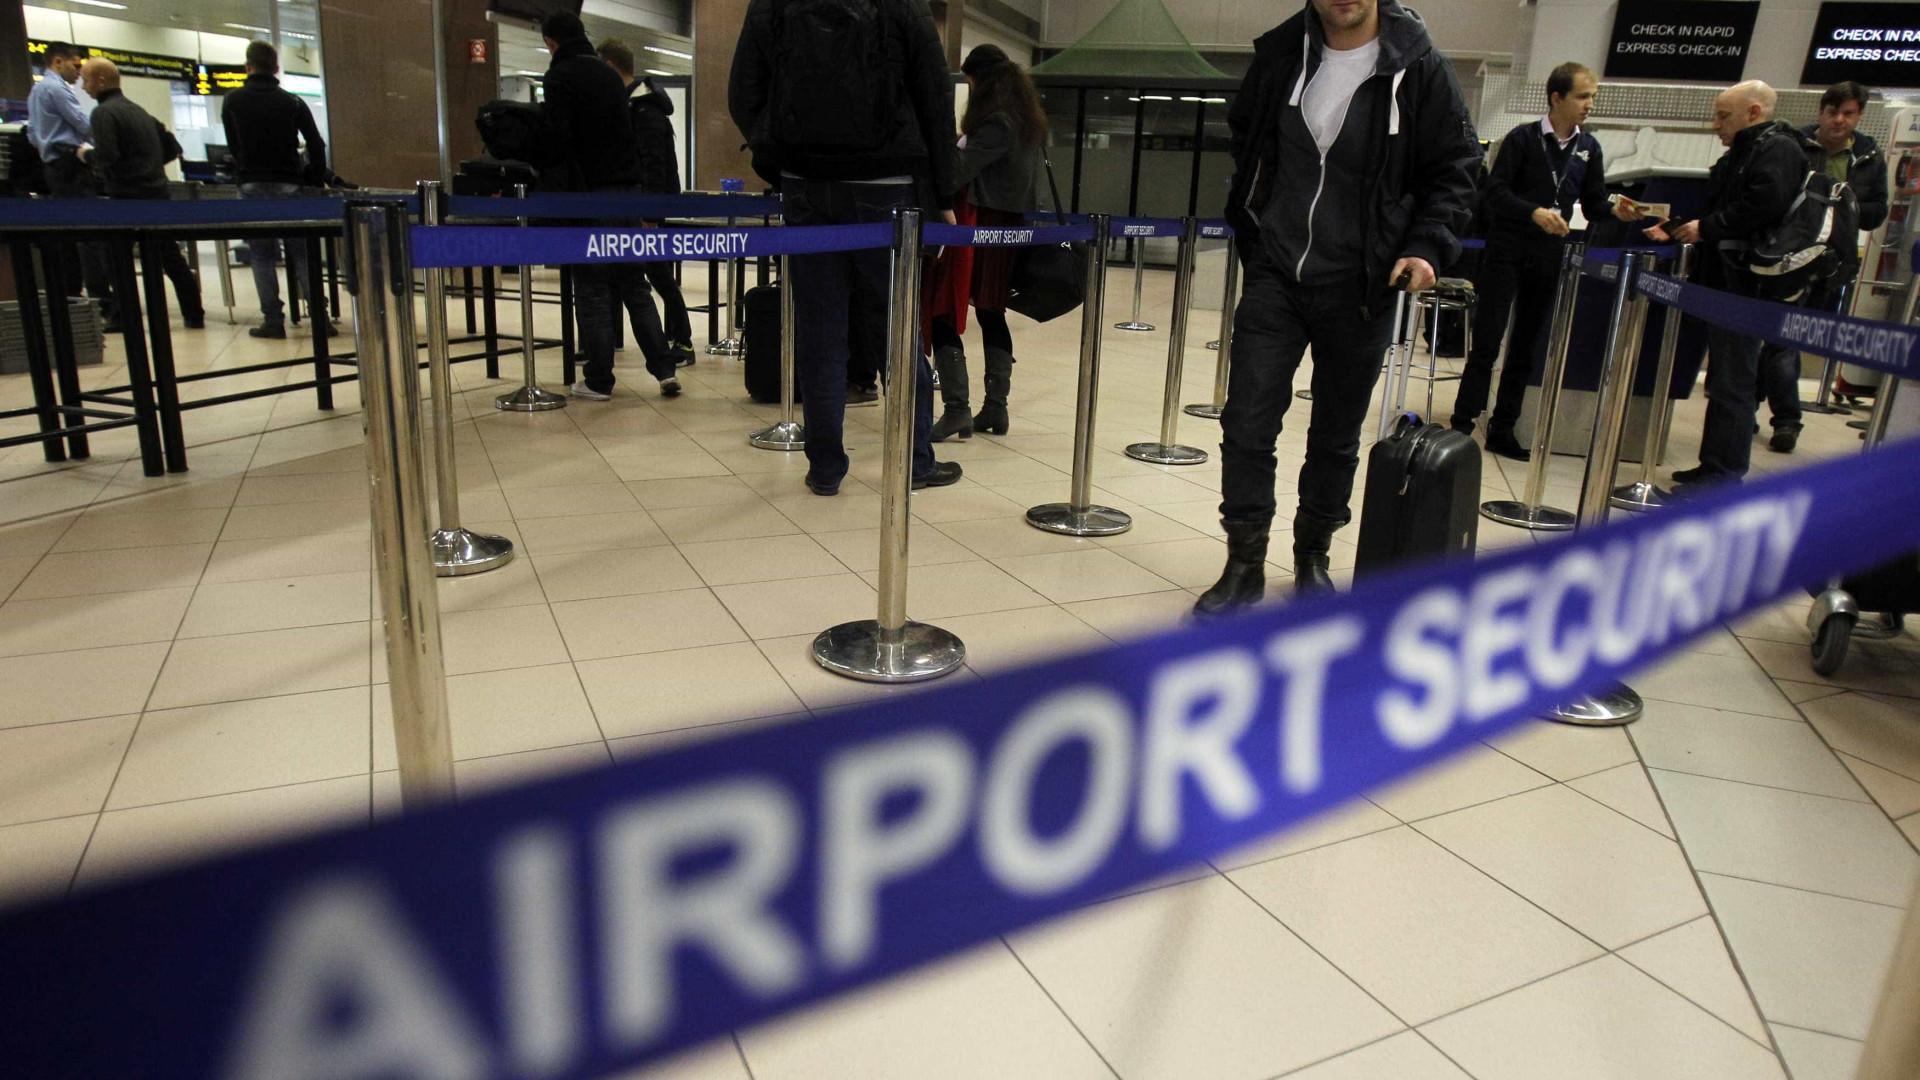 Manchester: suspeito detido no aeroporto de Heathrow